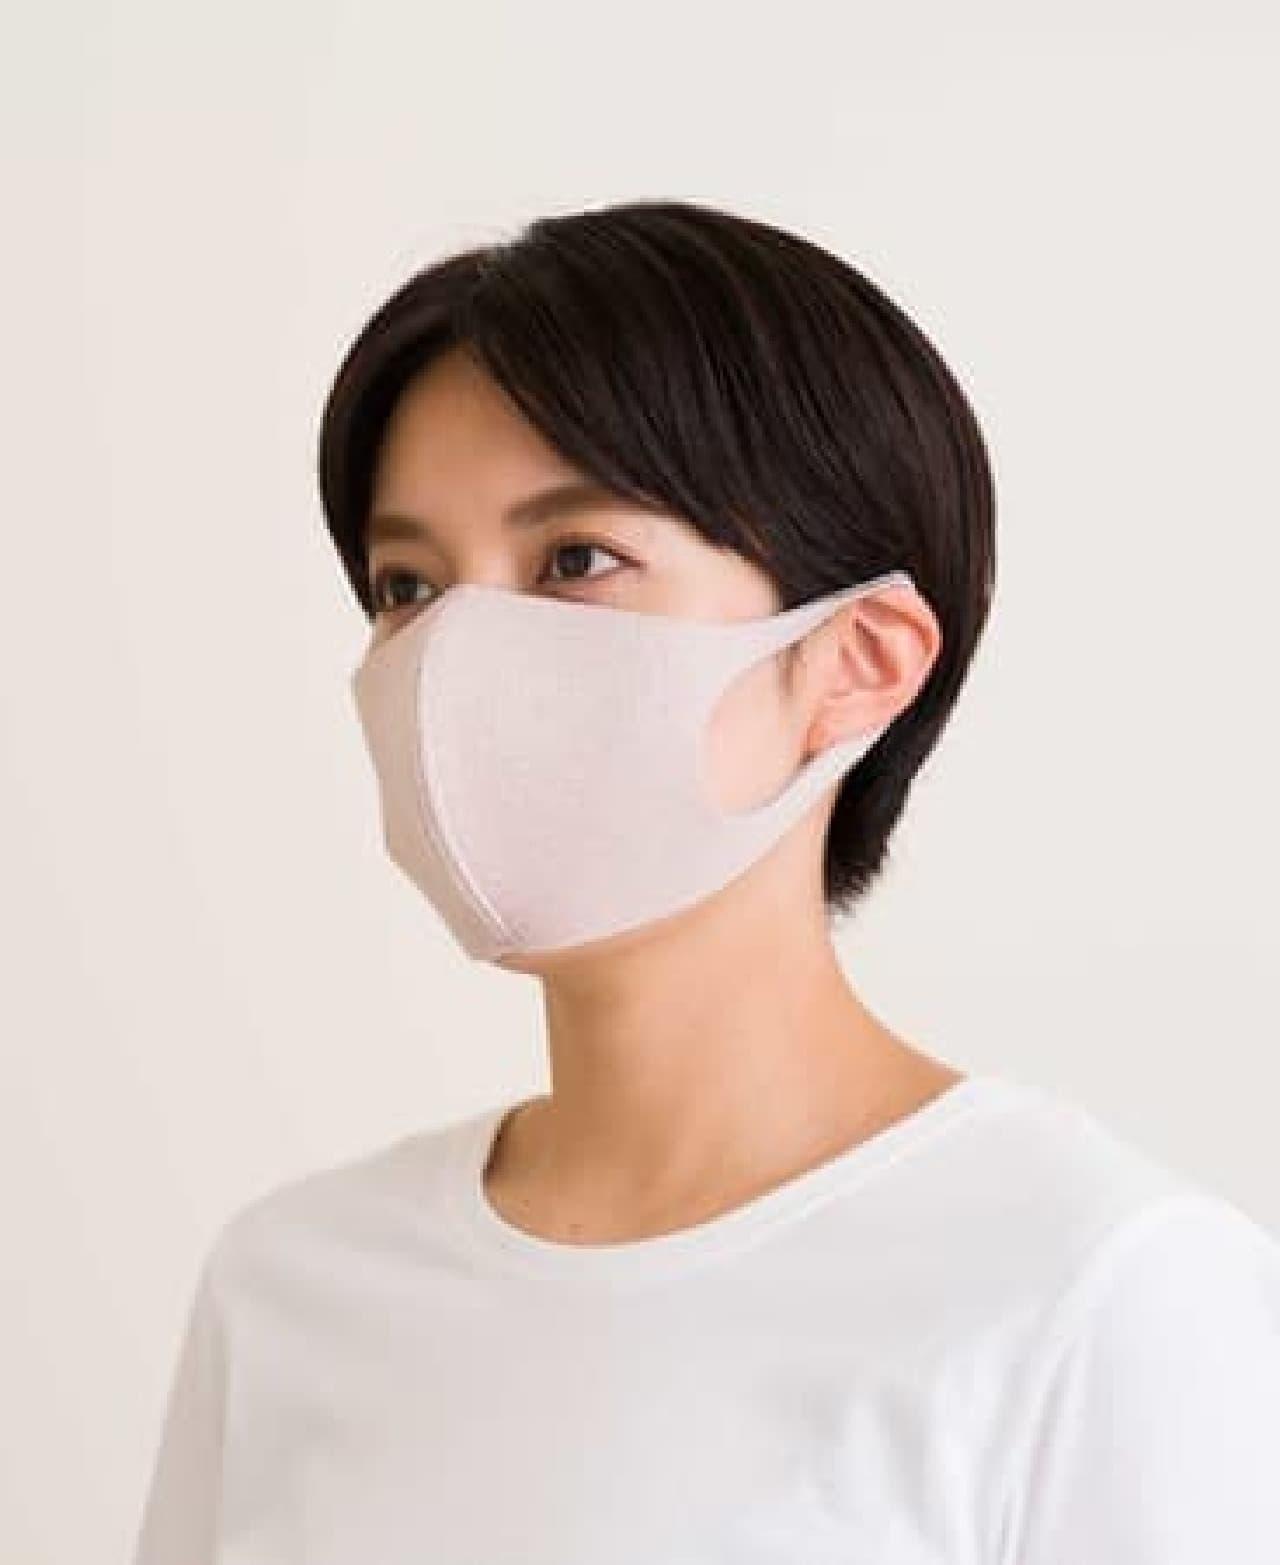 抗ウイルス消臭マスクがAfternoon Tea LIVINGから